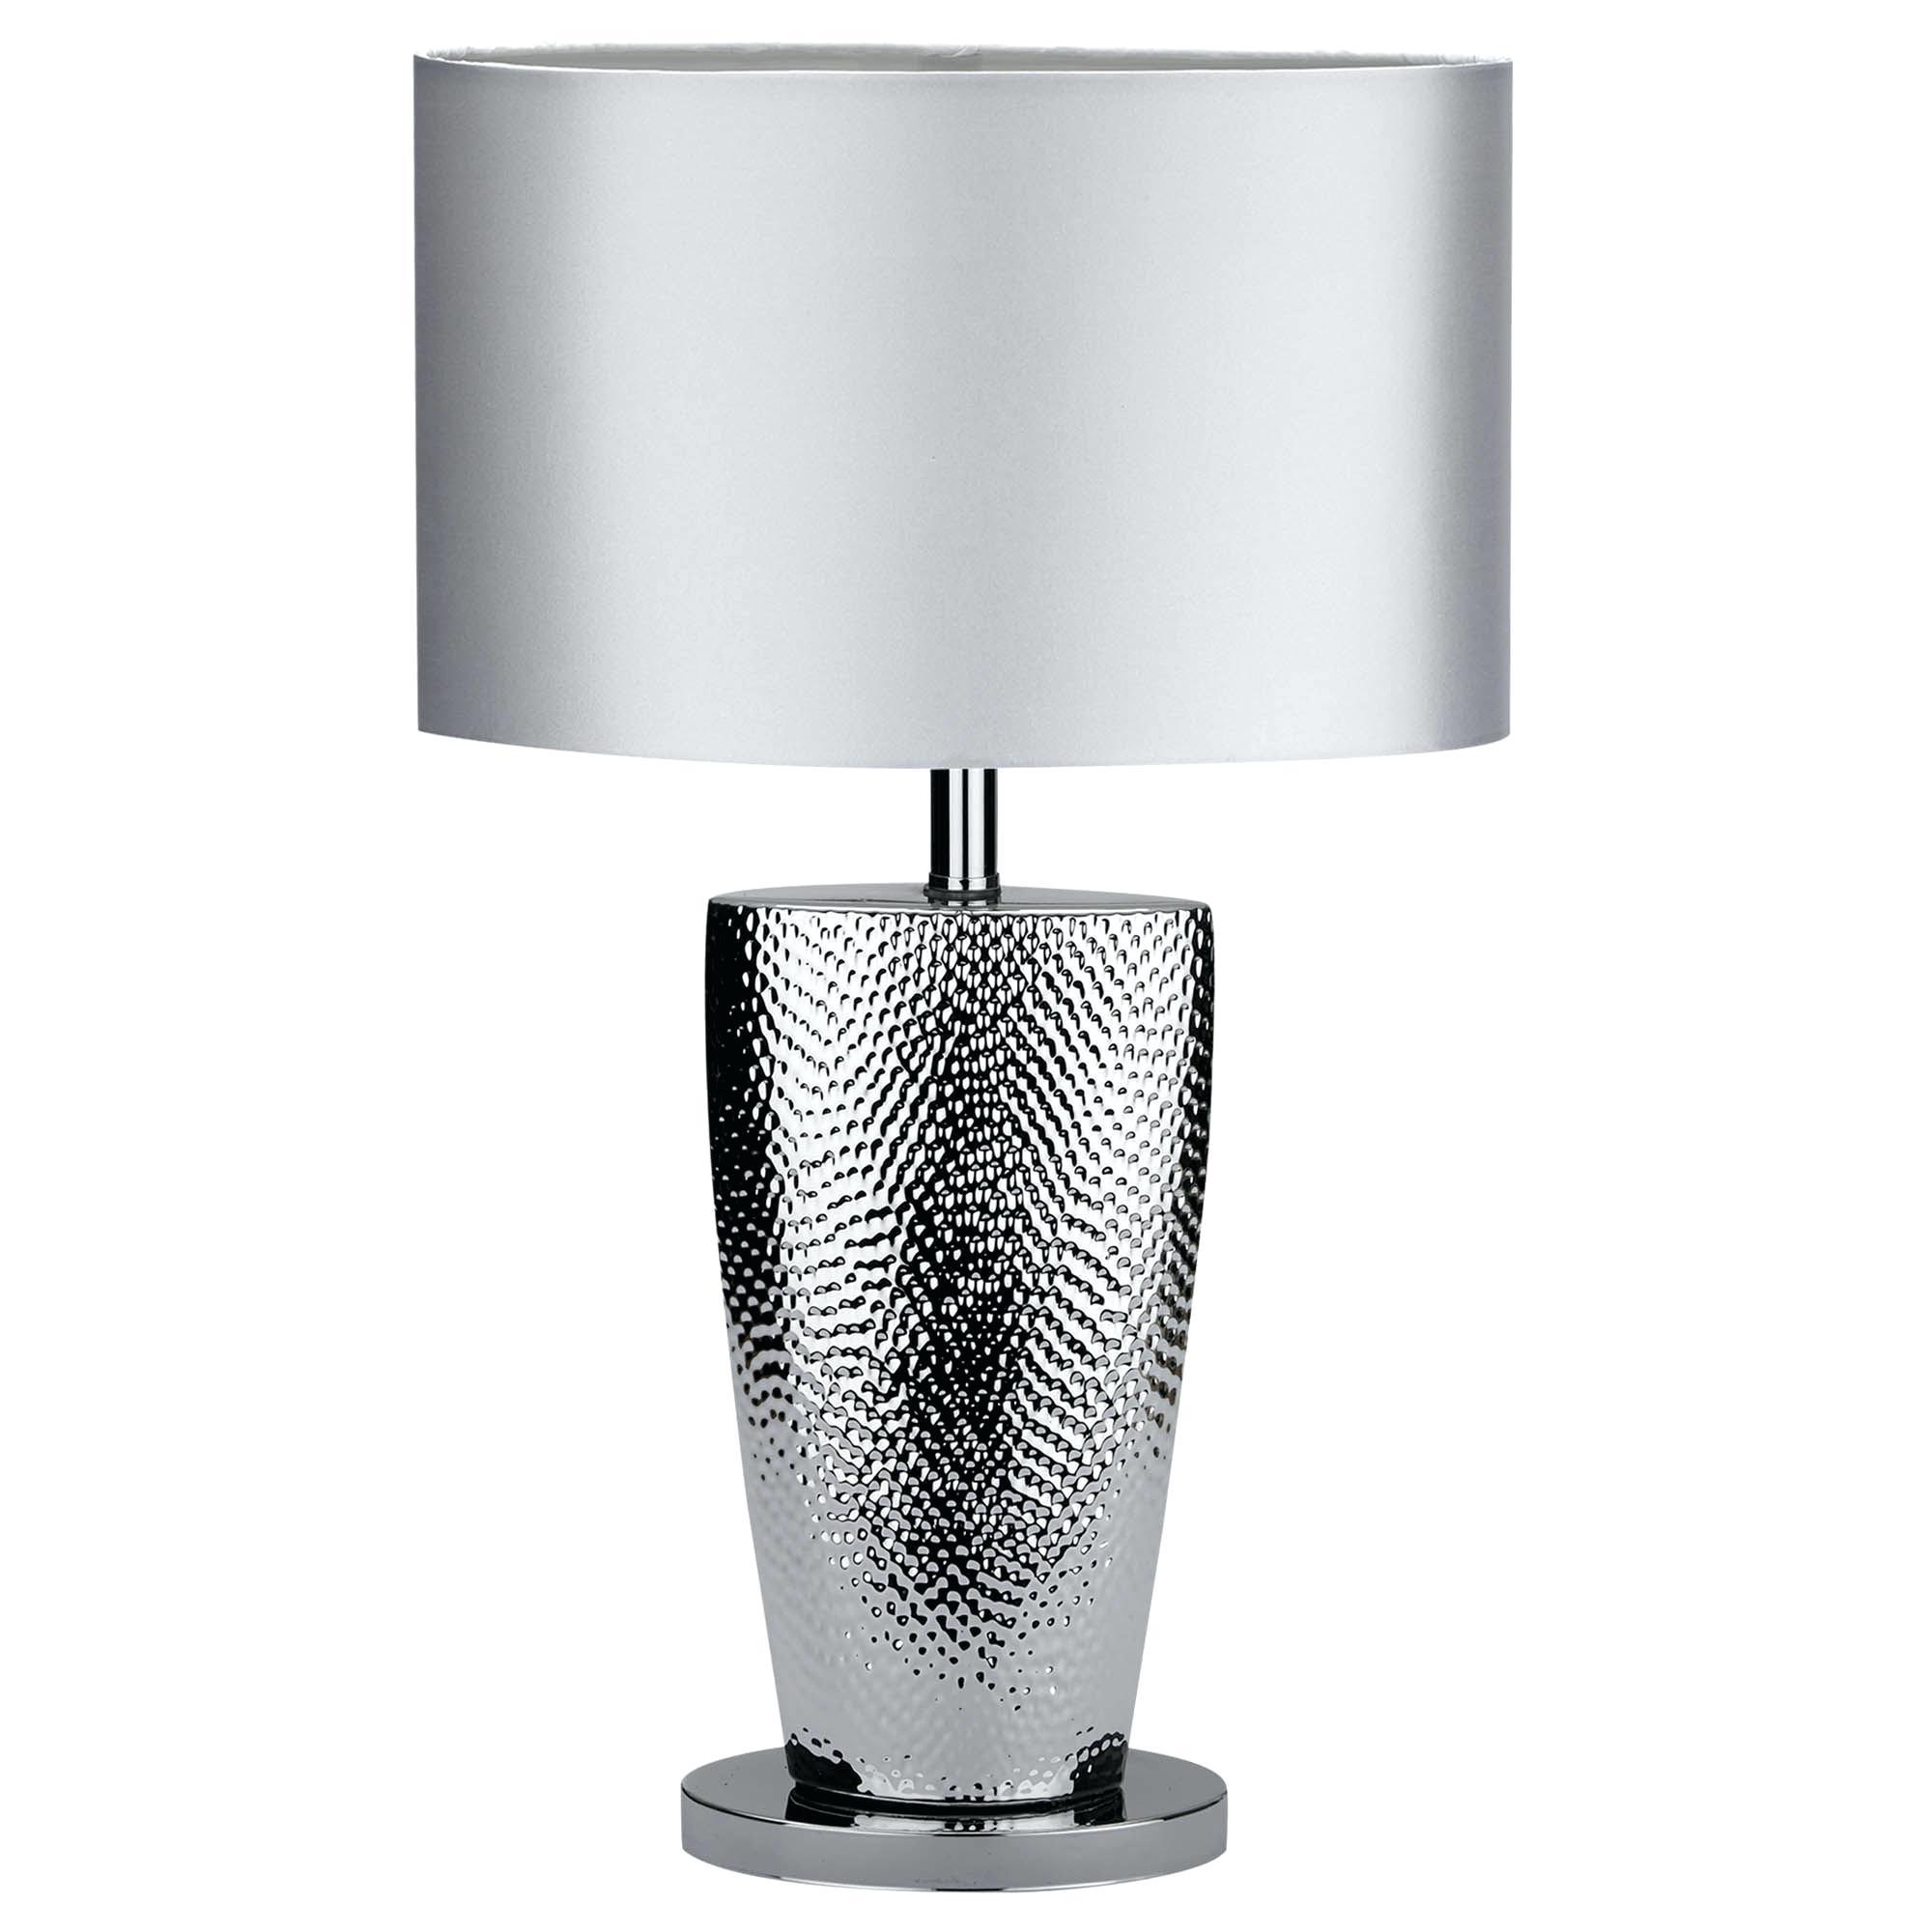 lampe de chevet new york ikea  idée de luminaire et lampe